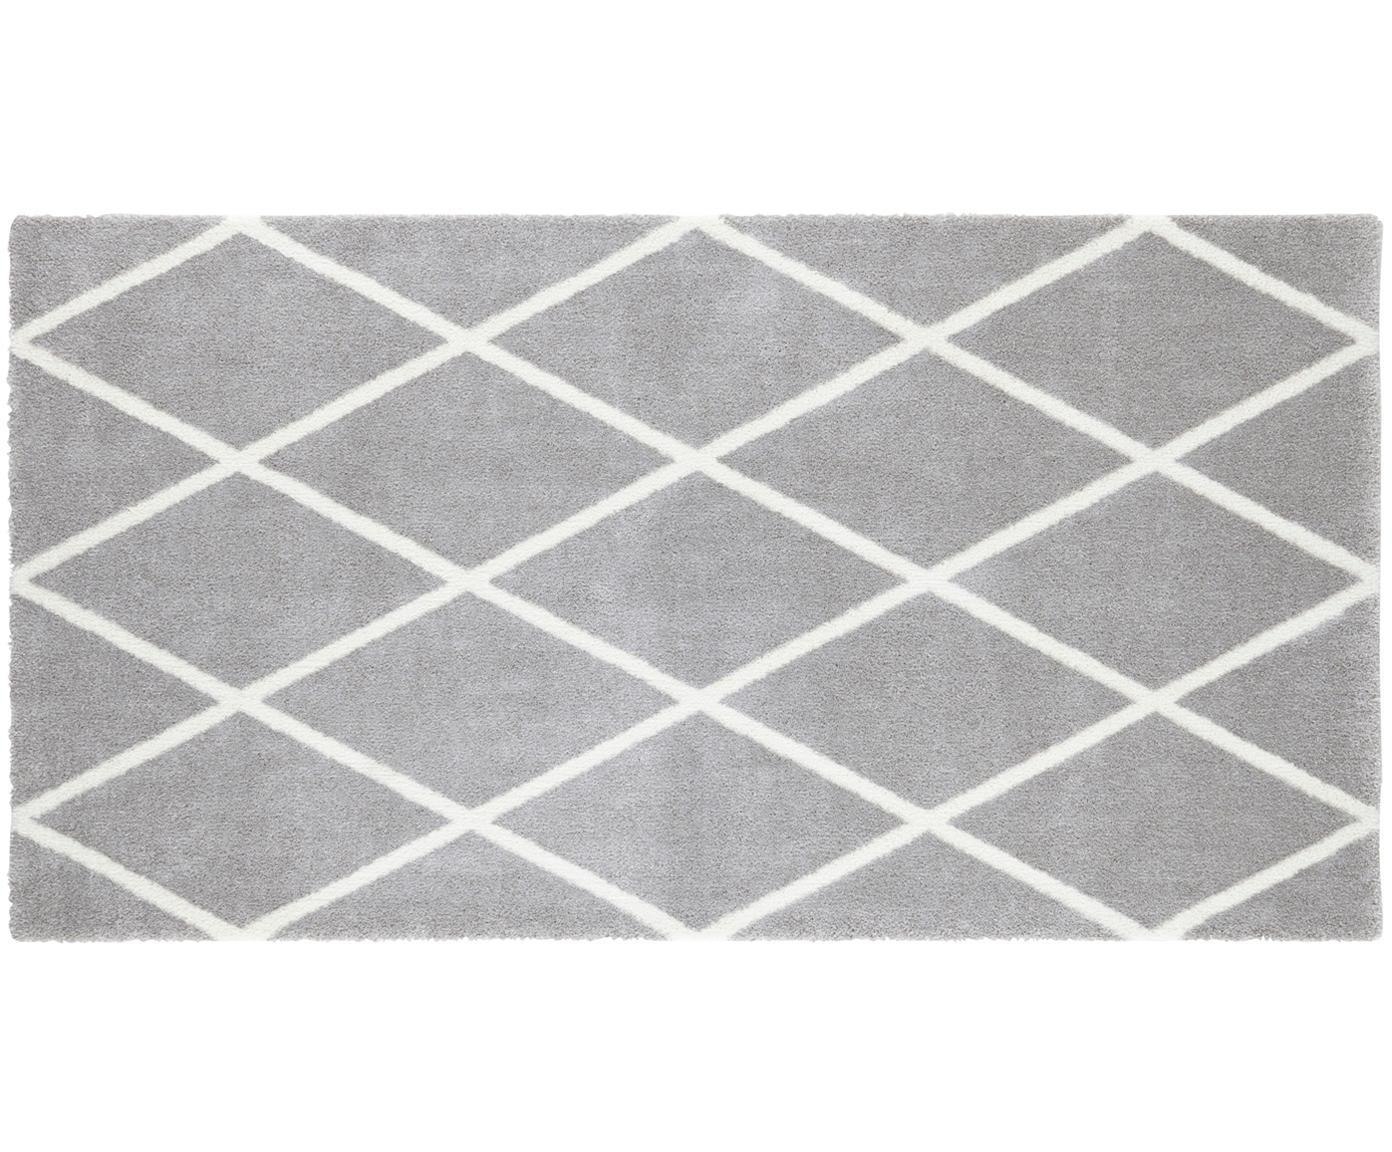 Tappeto con motivo a rombi Lunel, Retro: juta, Grigio argento, crema, Larg. 80 x Lung. 150 cm (taglia XS)